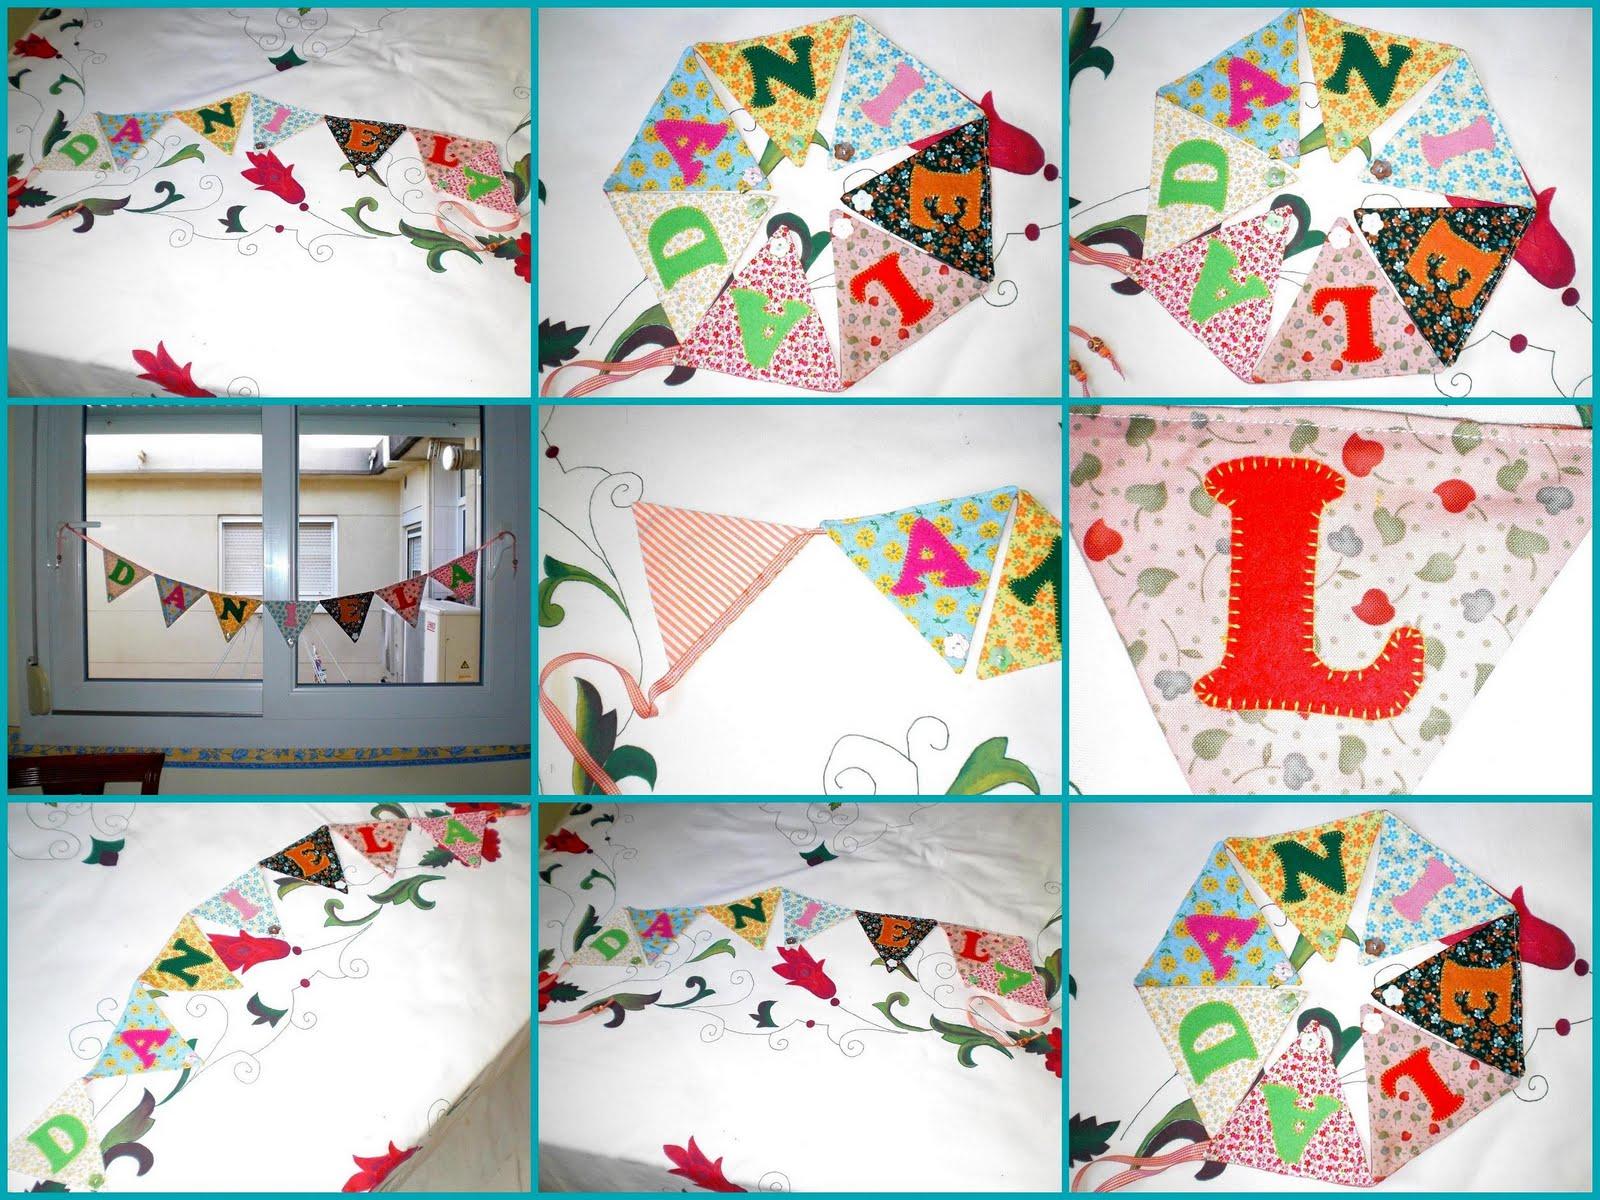 La tarea que no falte diciembre 2011 for Cubrepies de cama